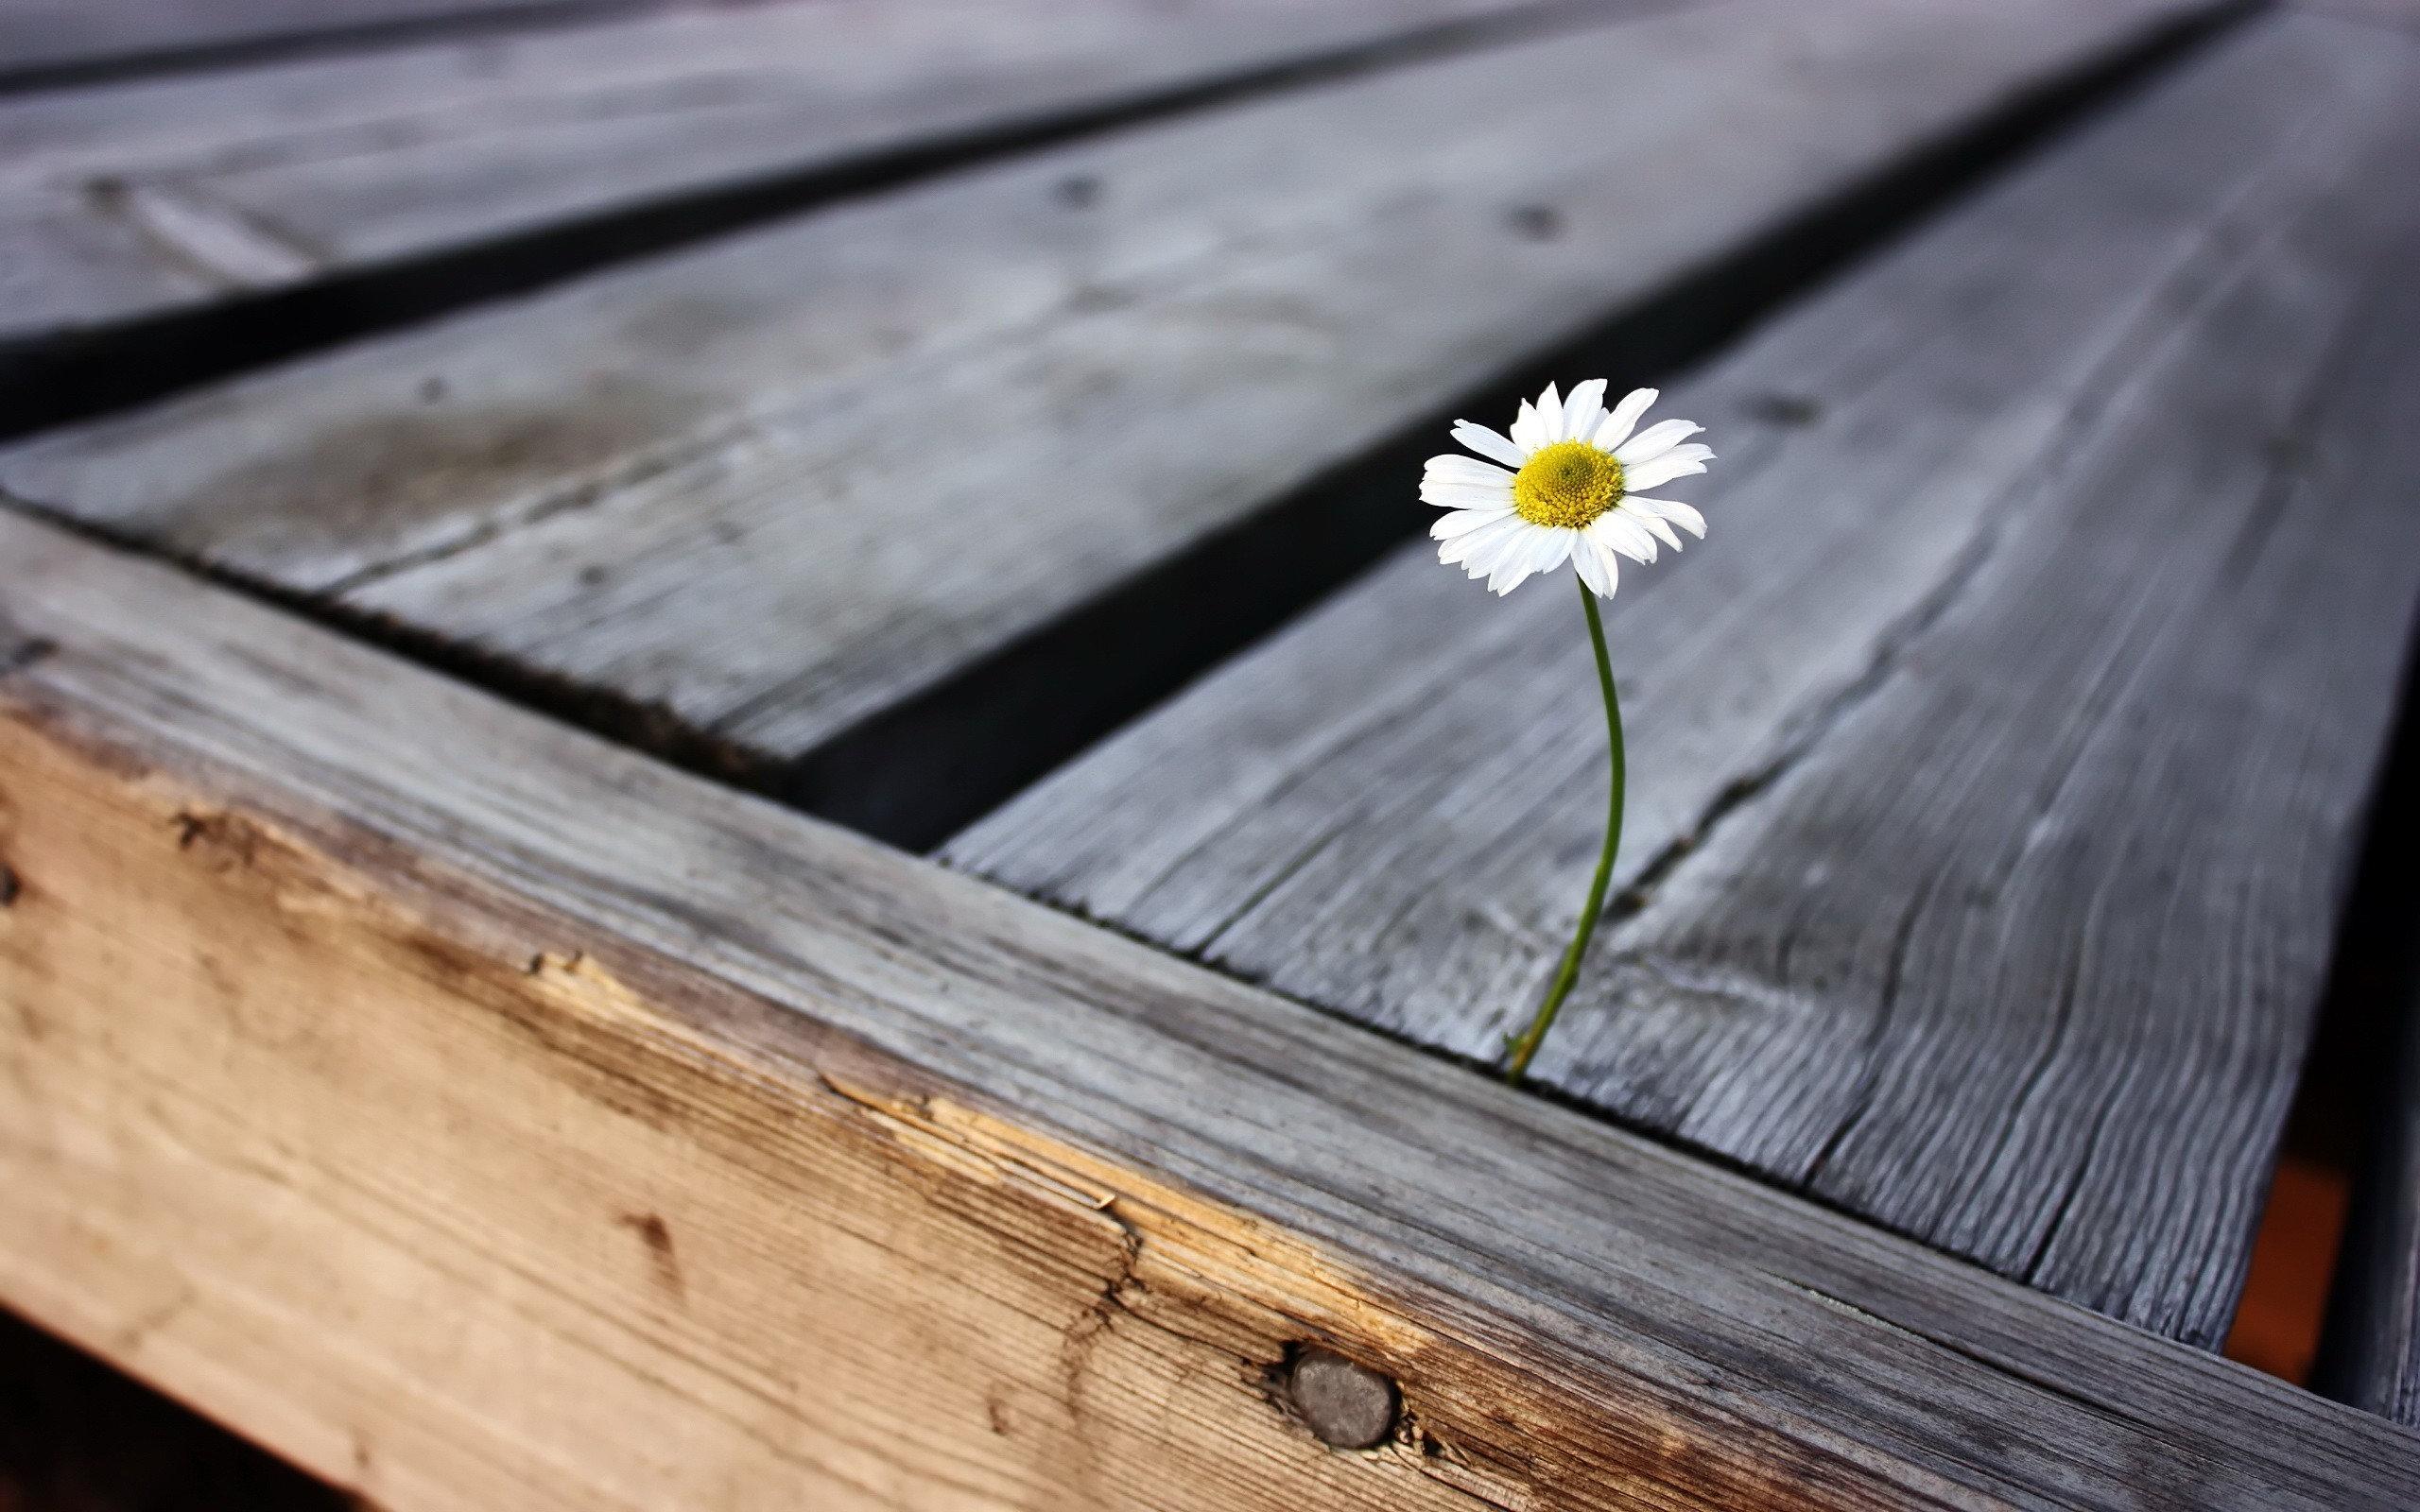 Цветы жизни 1 рассказы 6 фотография